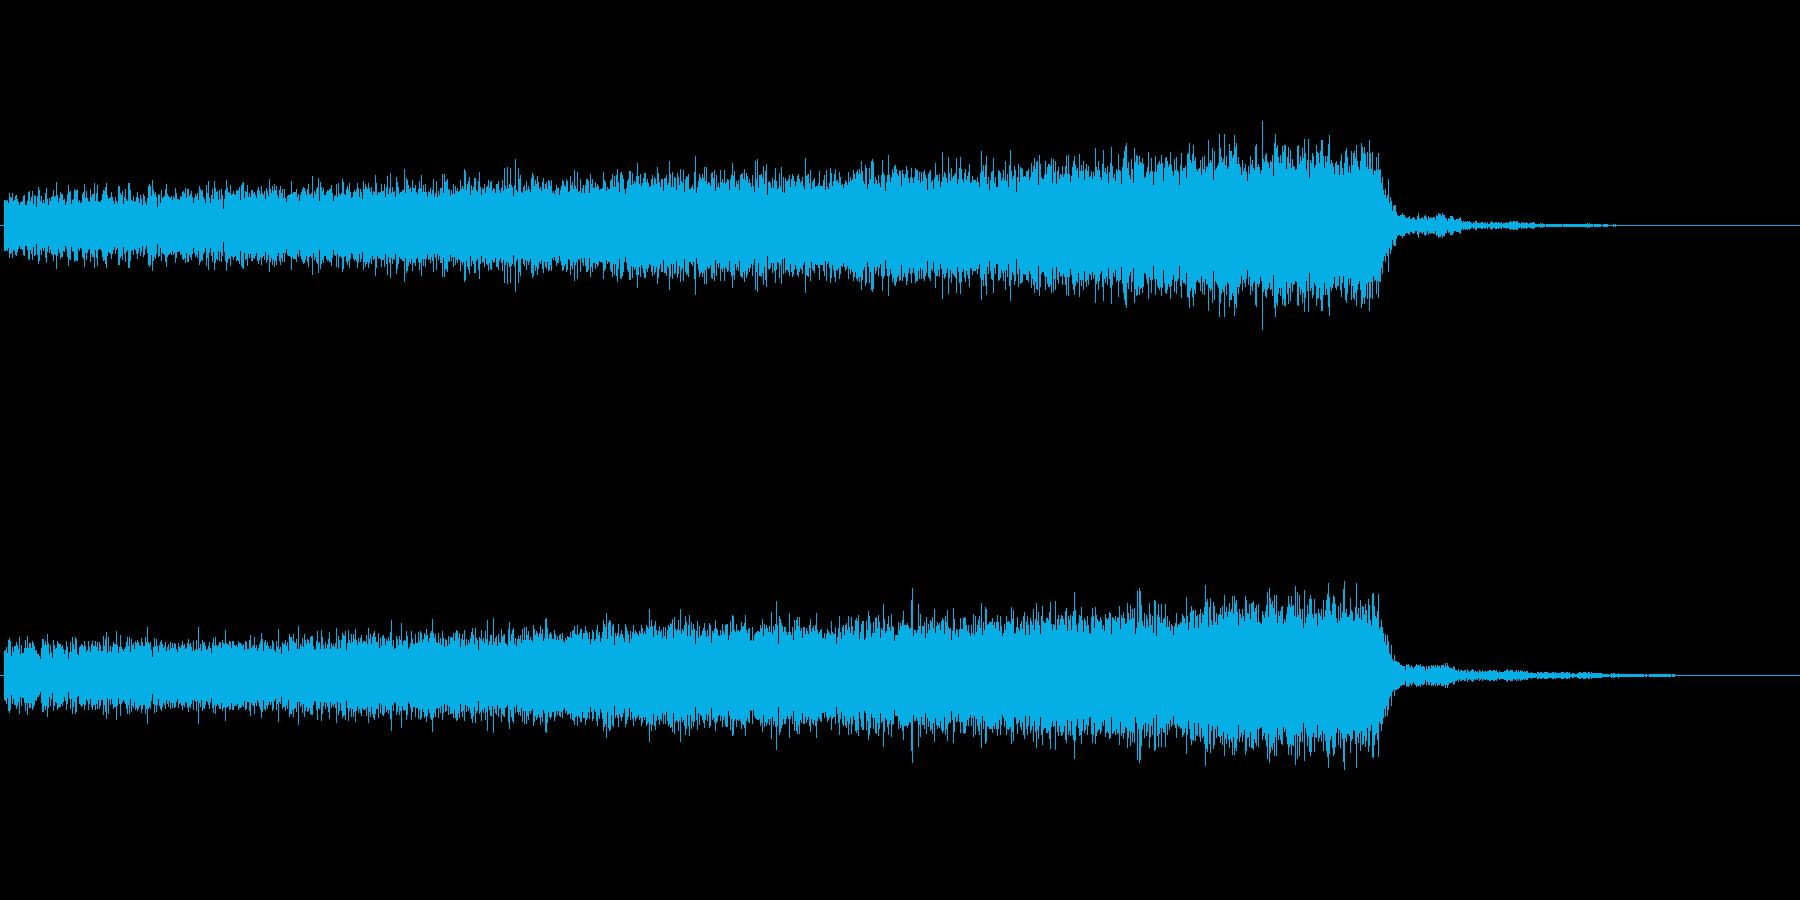 「ヒュー(上昇する音)」の再生済みの波形